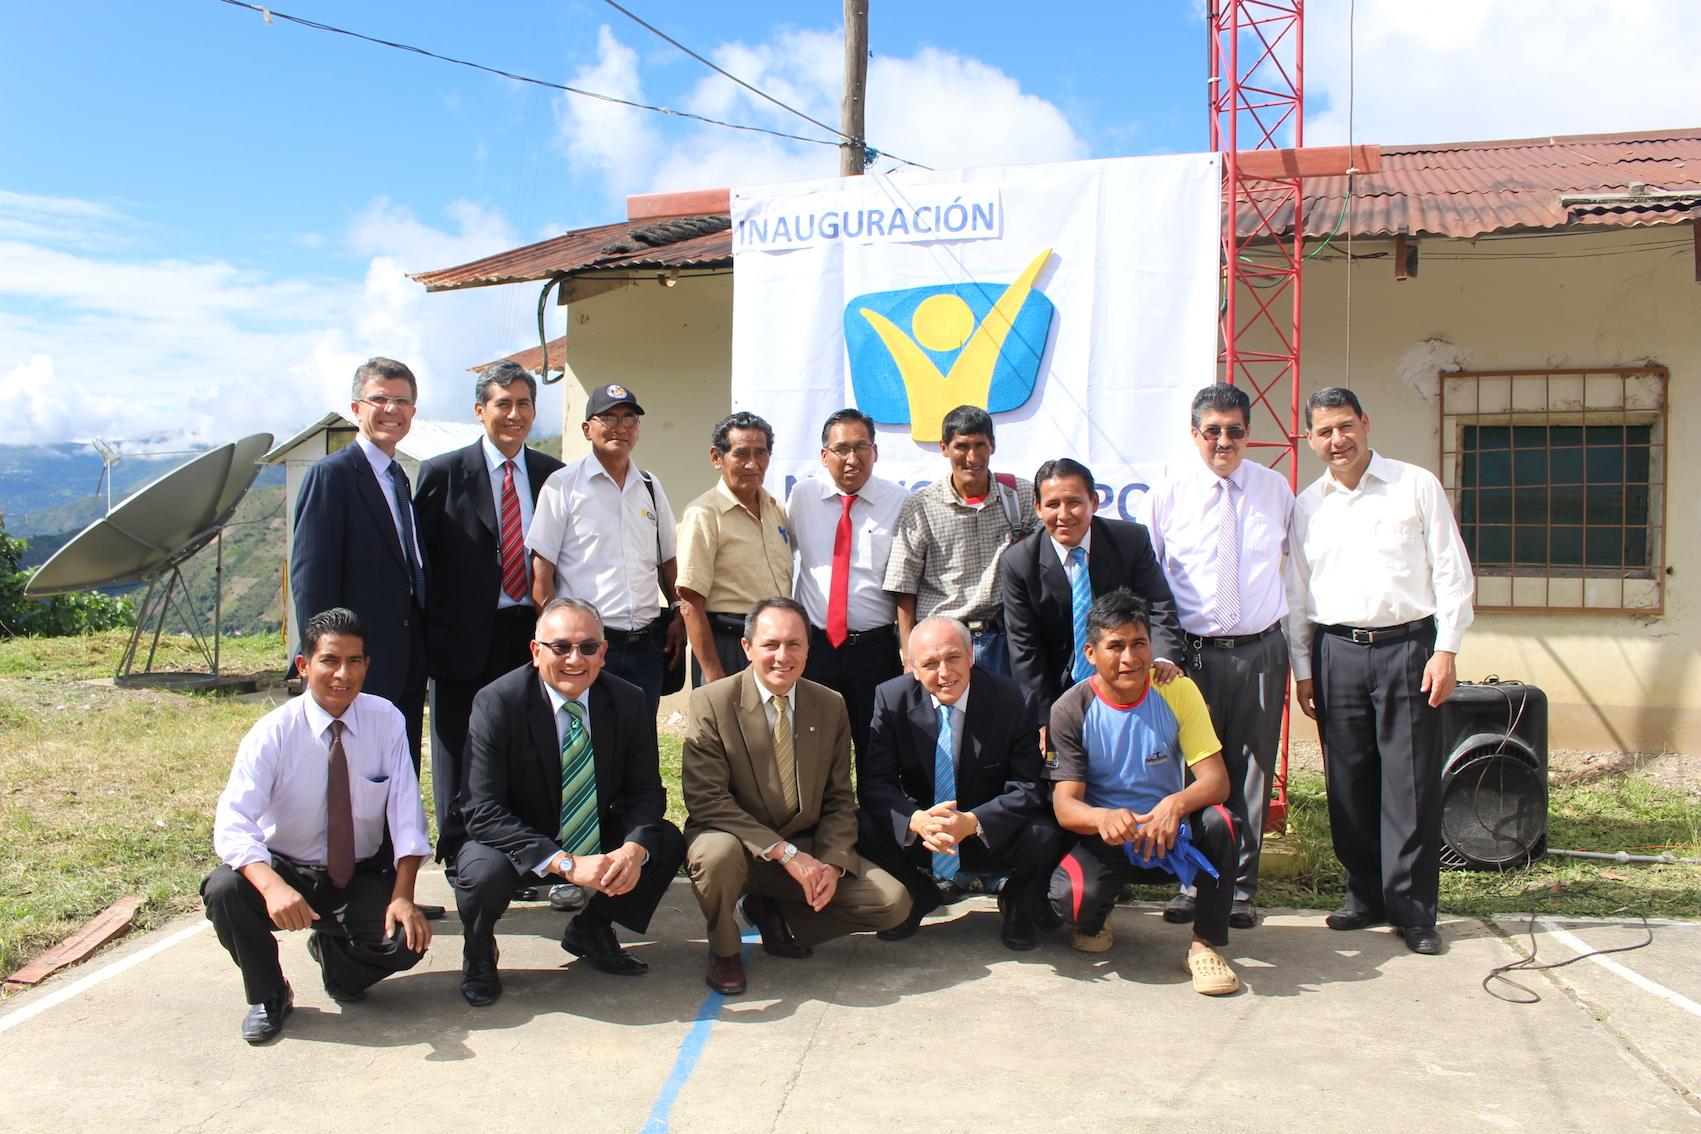 Líderes y miembros de la iglesia Adventista en la inauguración